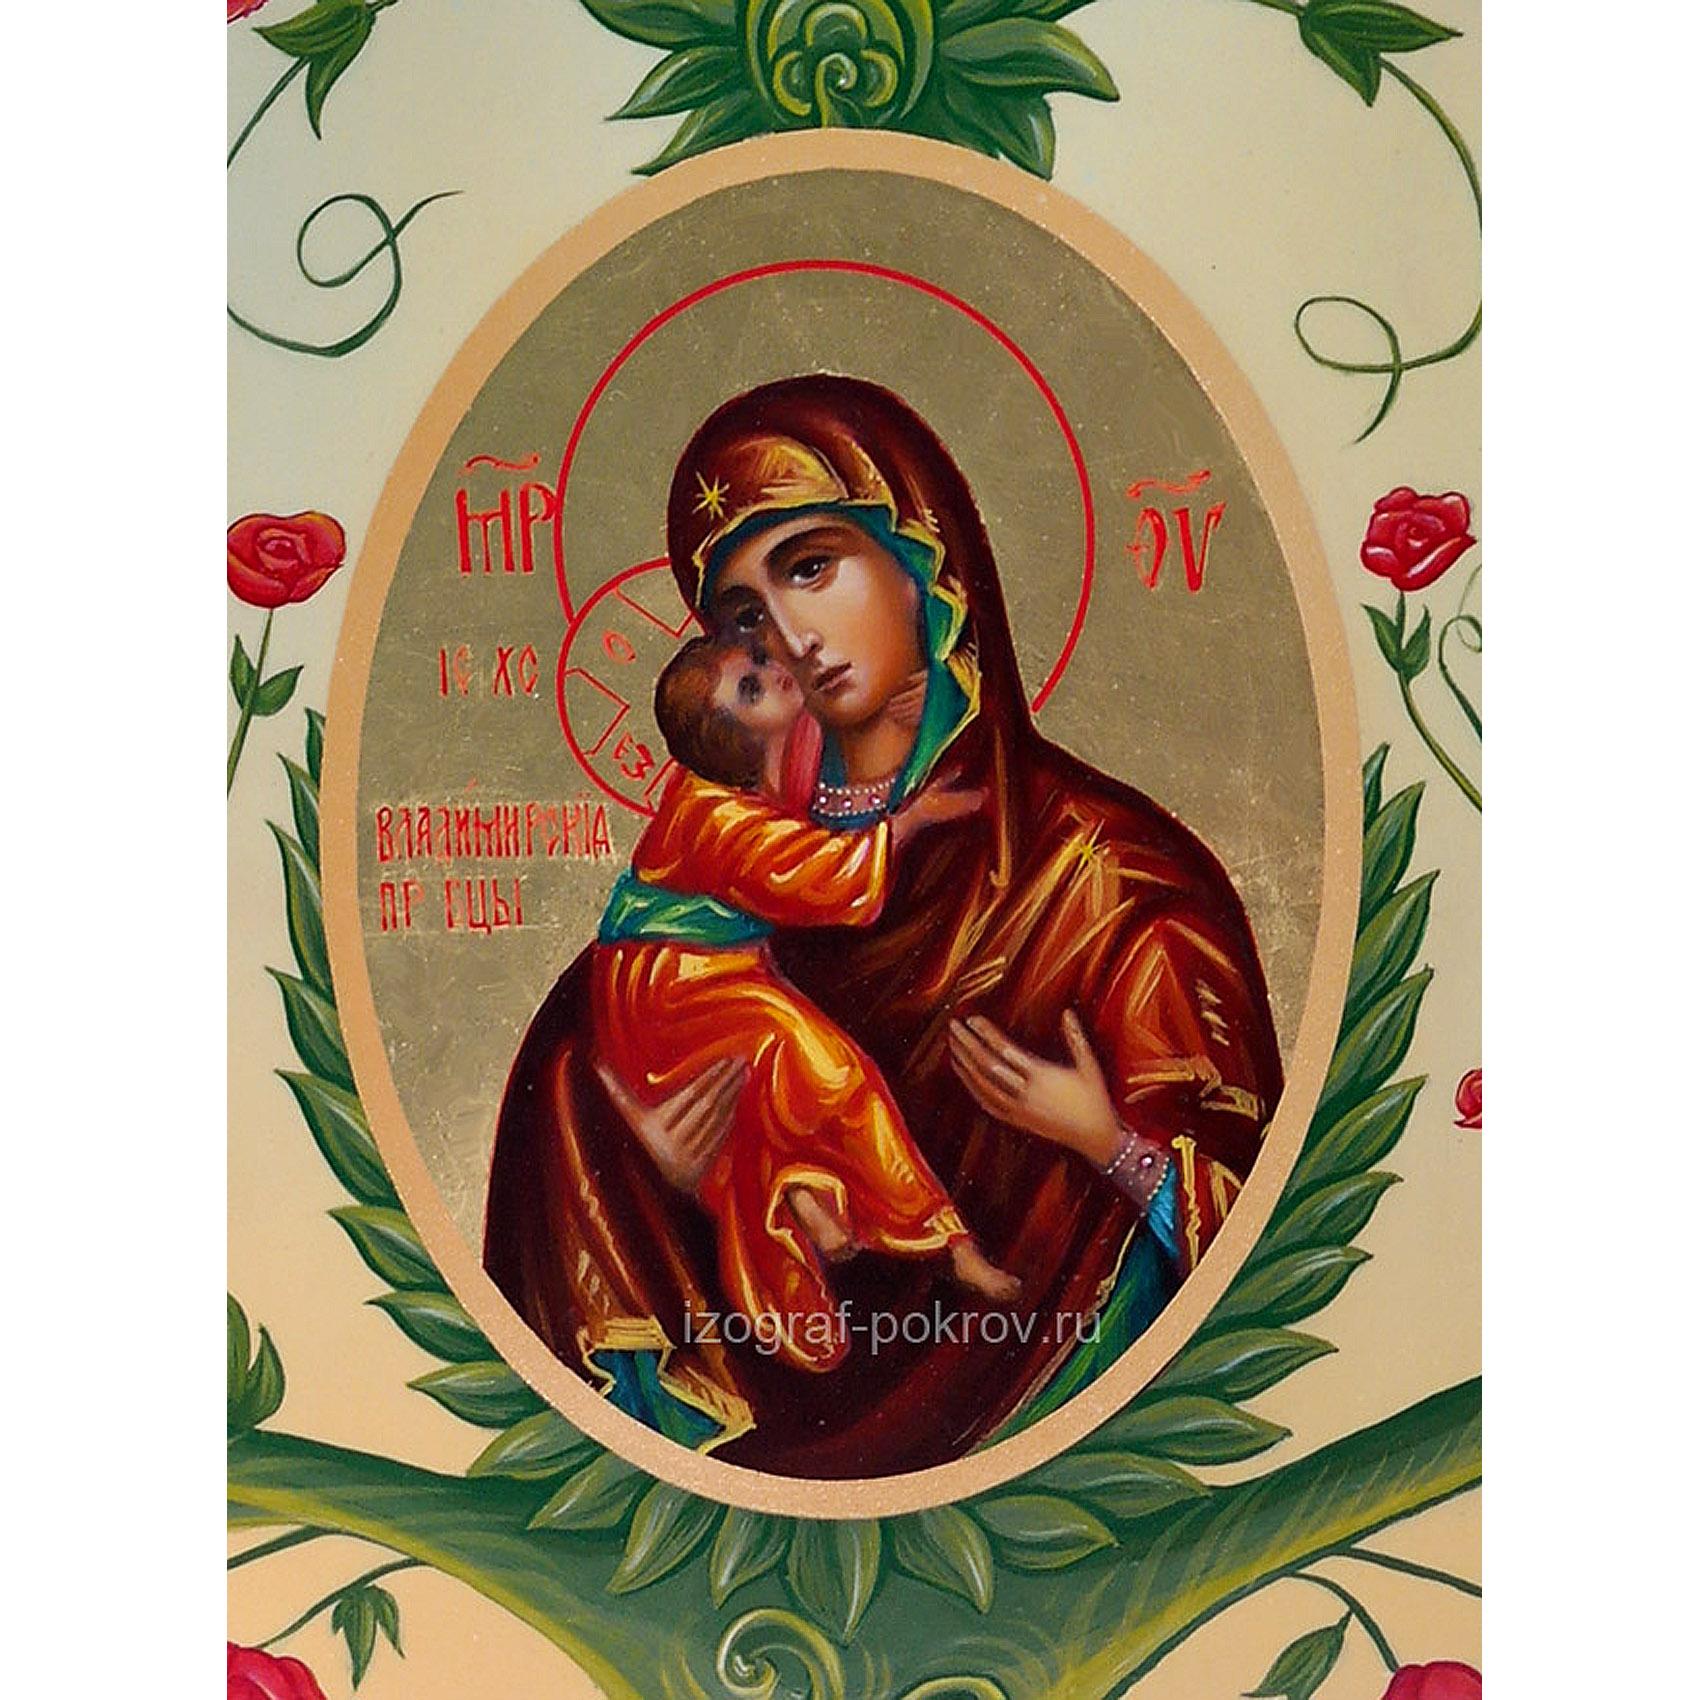 Икона Богородицы Владимирская - фрагмент с иконы Горний Иерусалим чем помогает значение